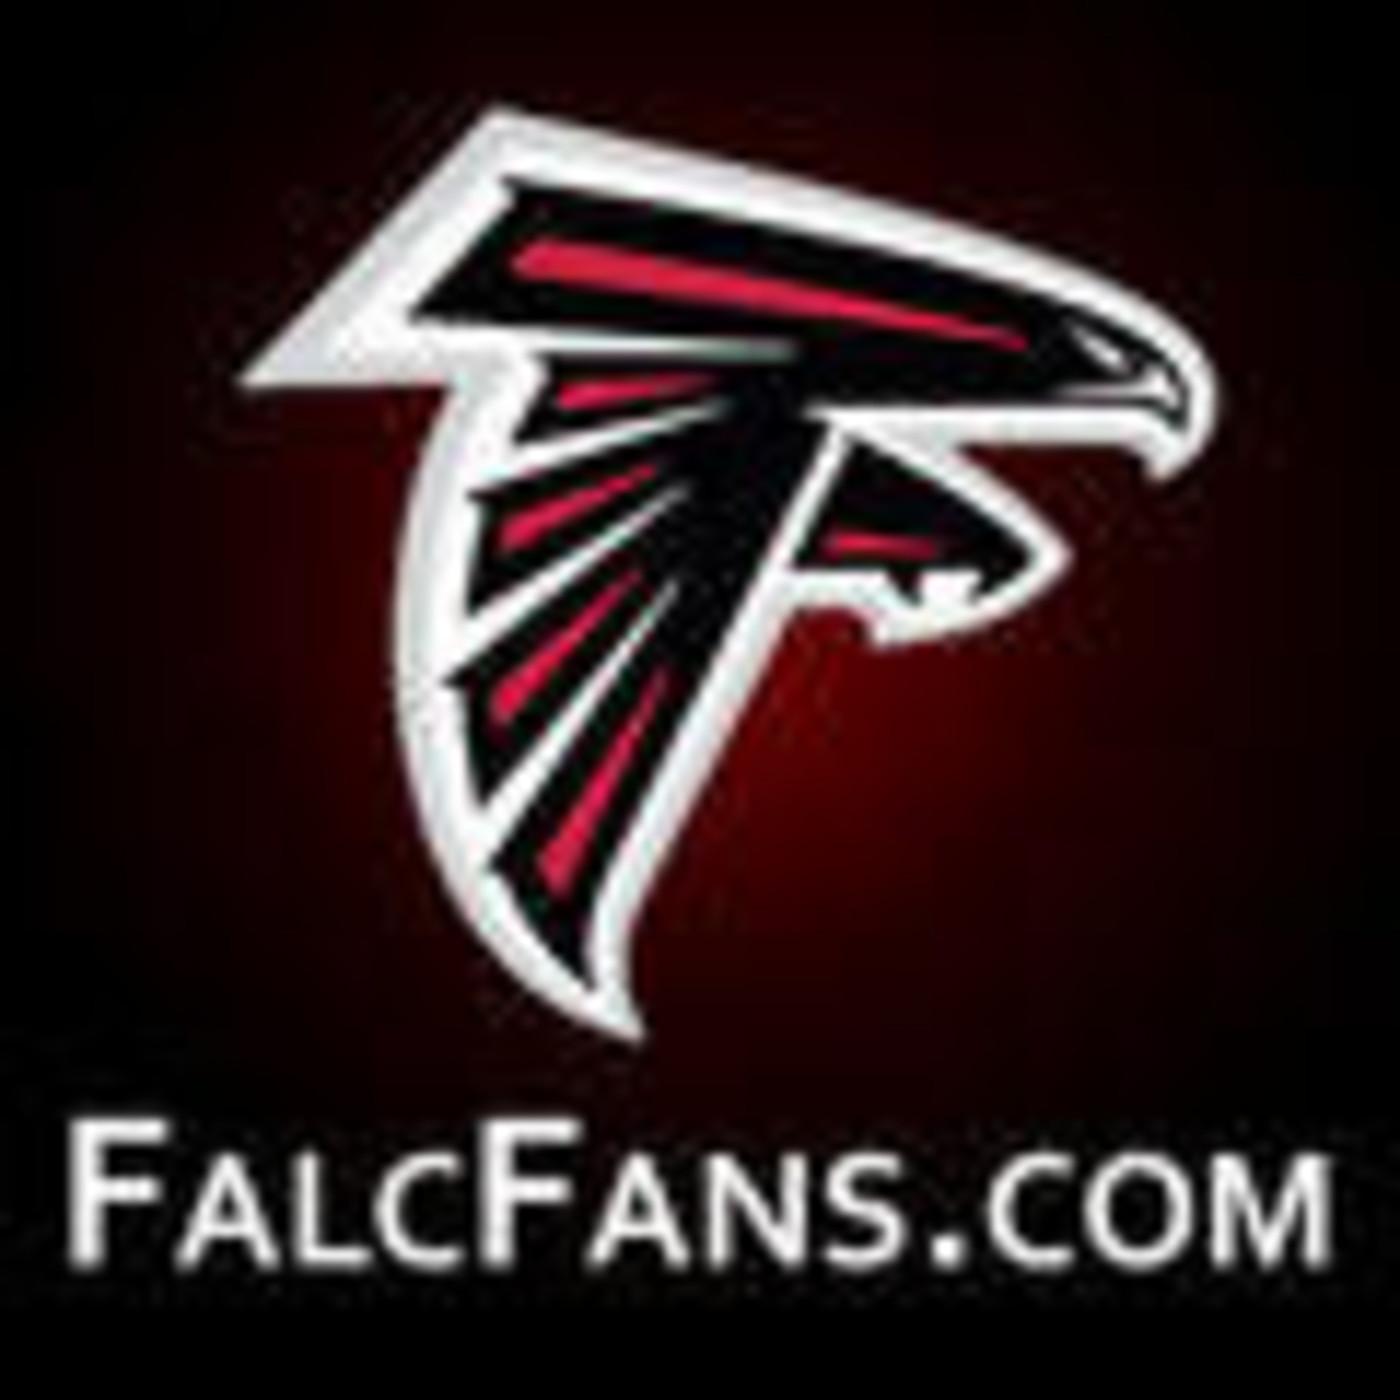 FalcFans.com